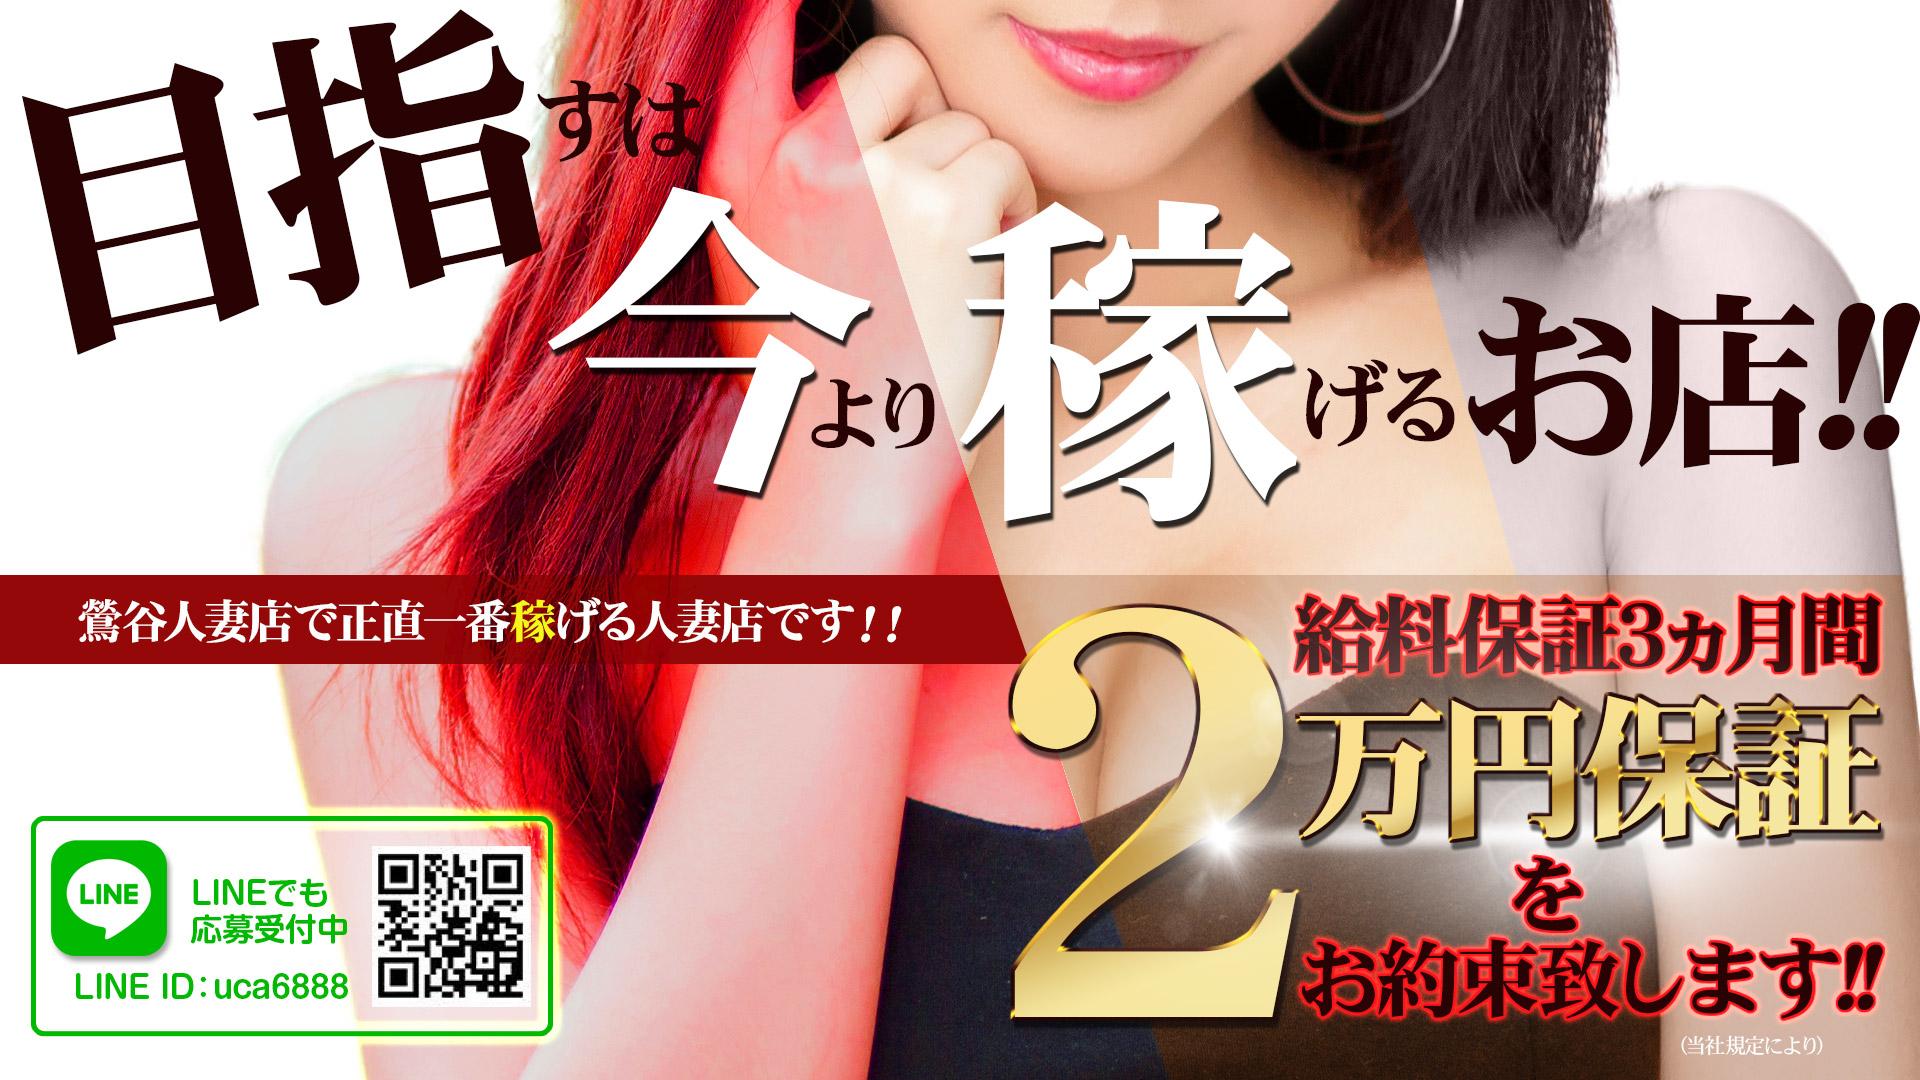 上野clubAの求人画像